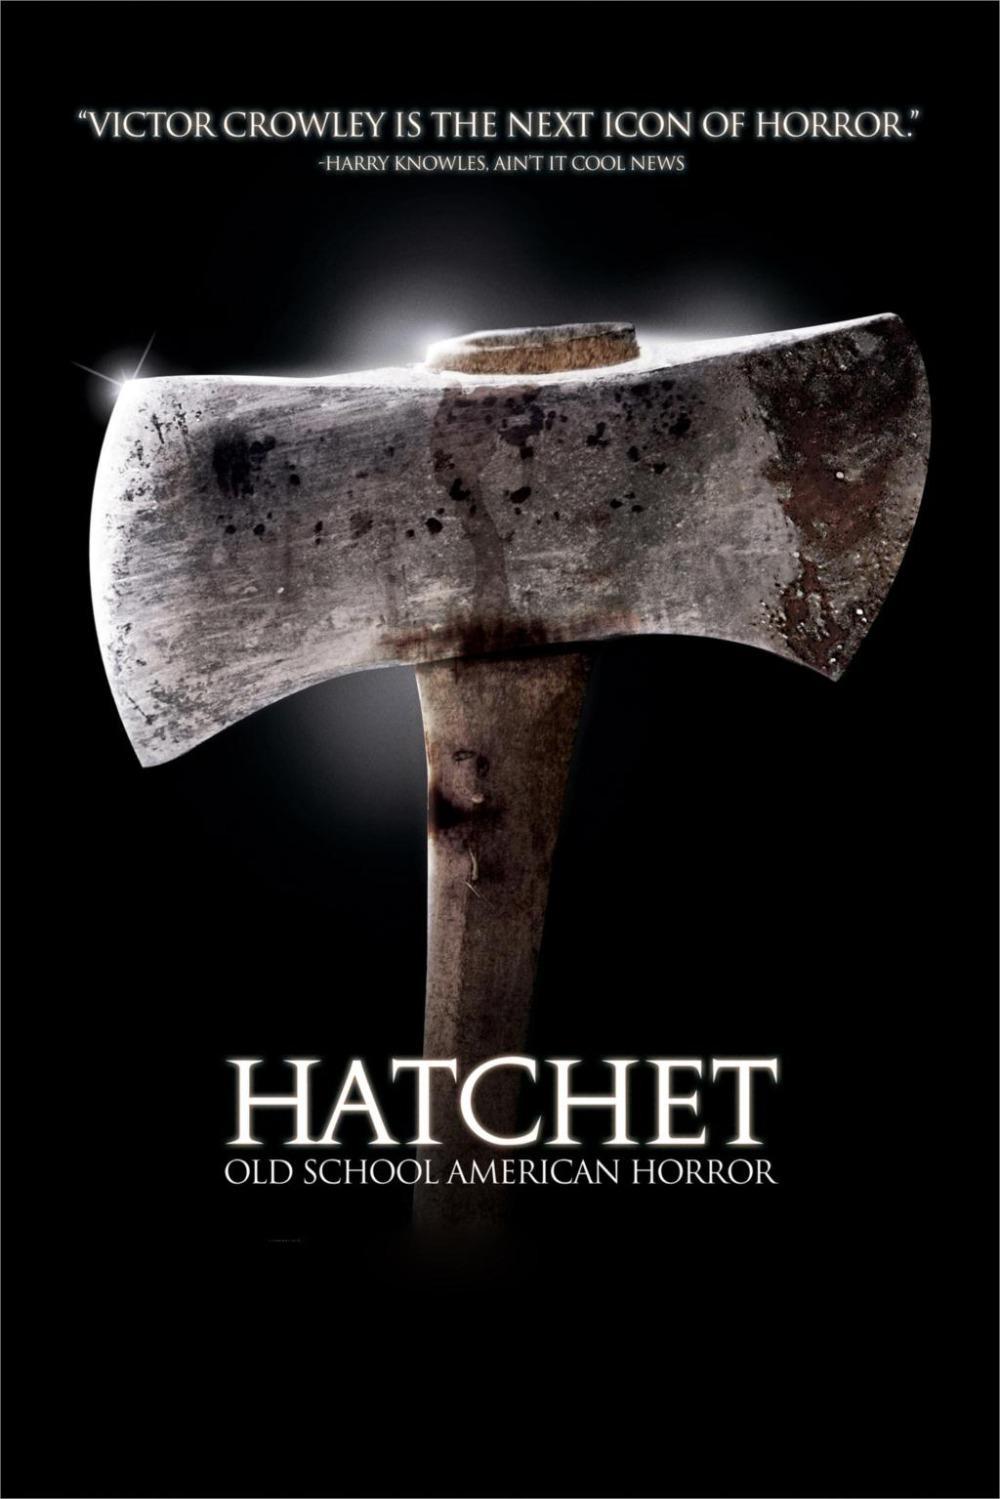 hatchet-old-school-american-horror-movie.jpg